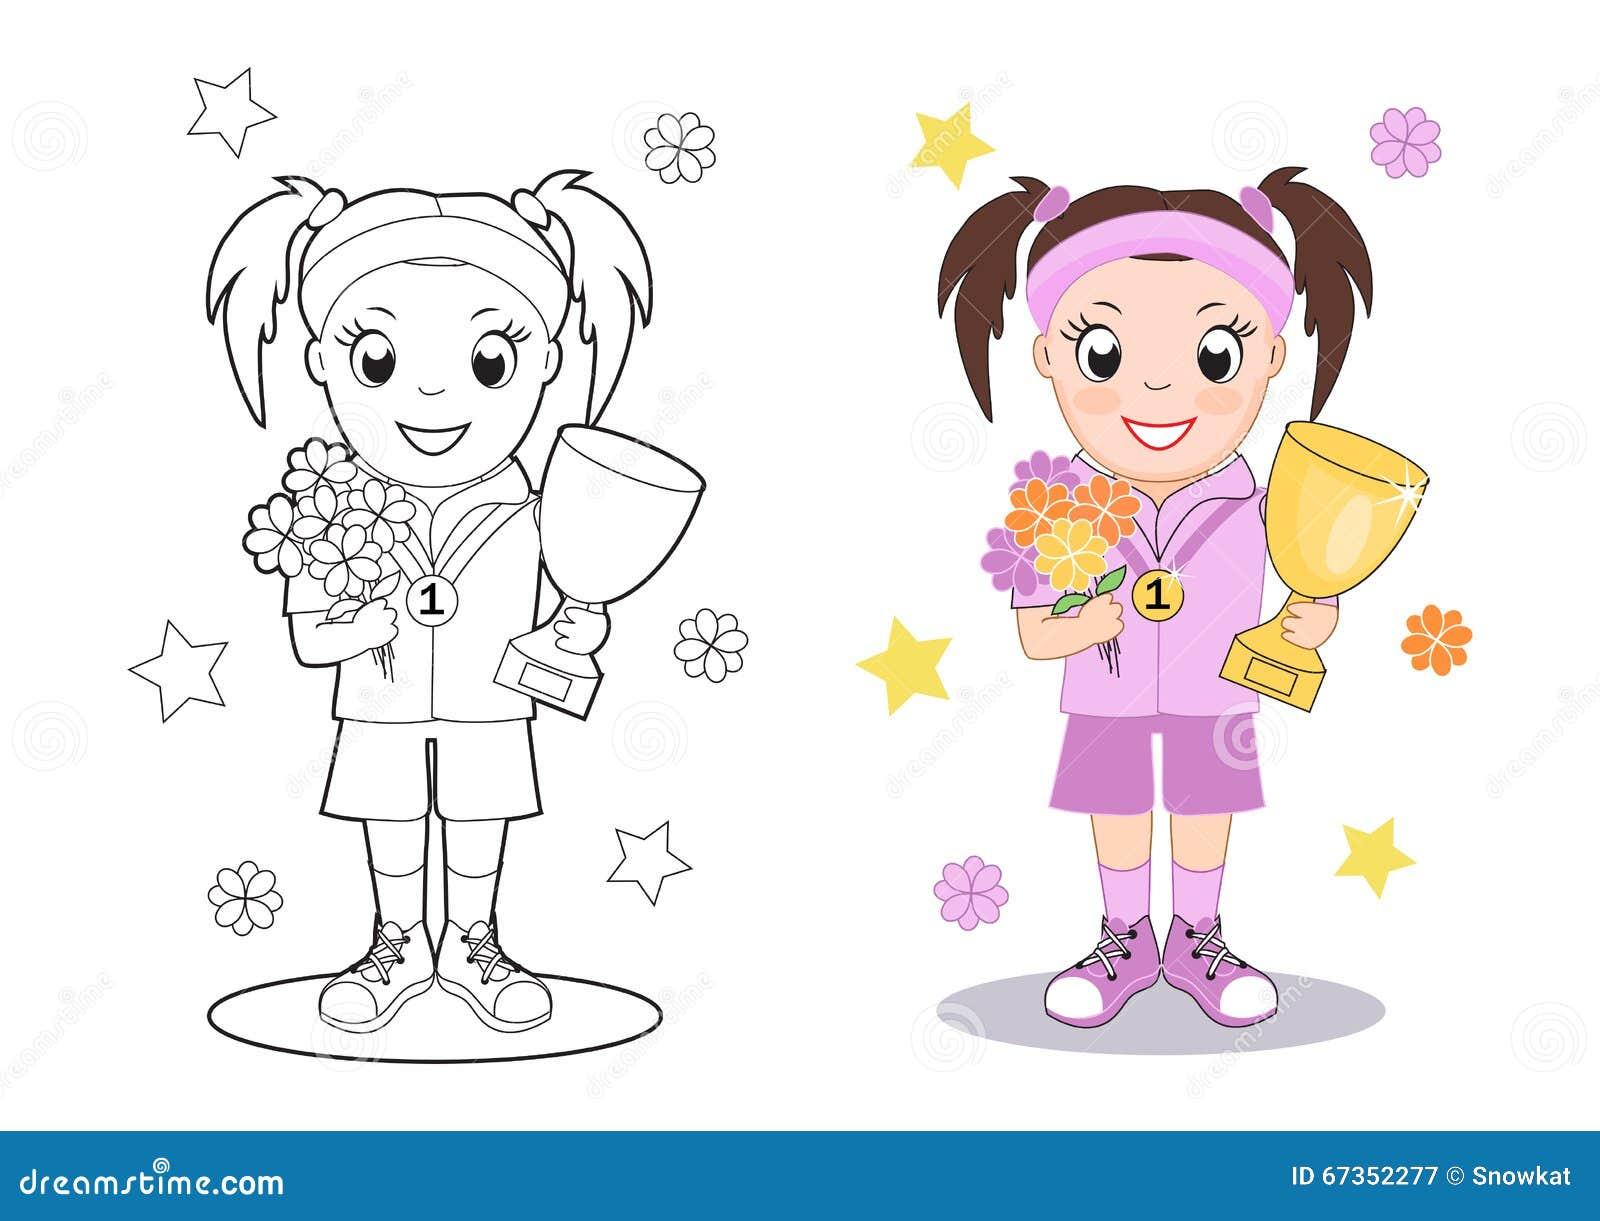 Картинки на пьедестале для детей раскраска